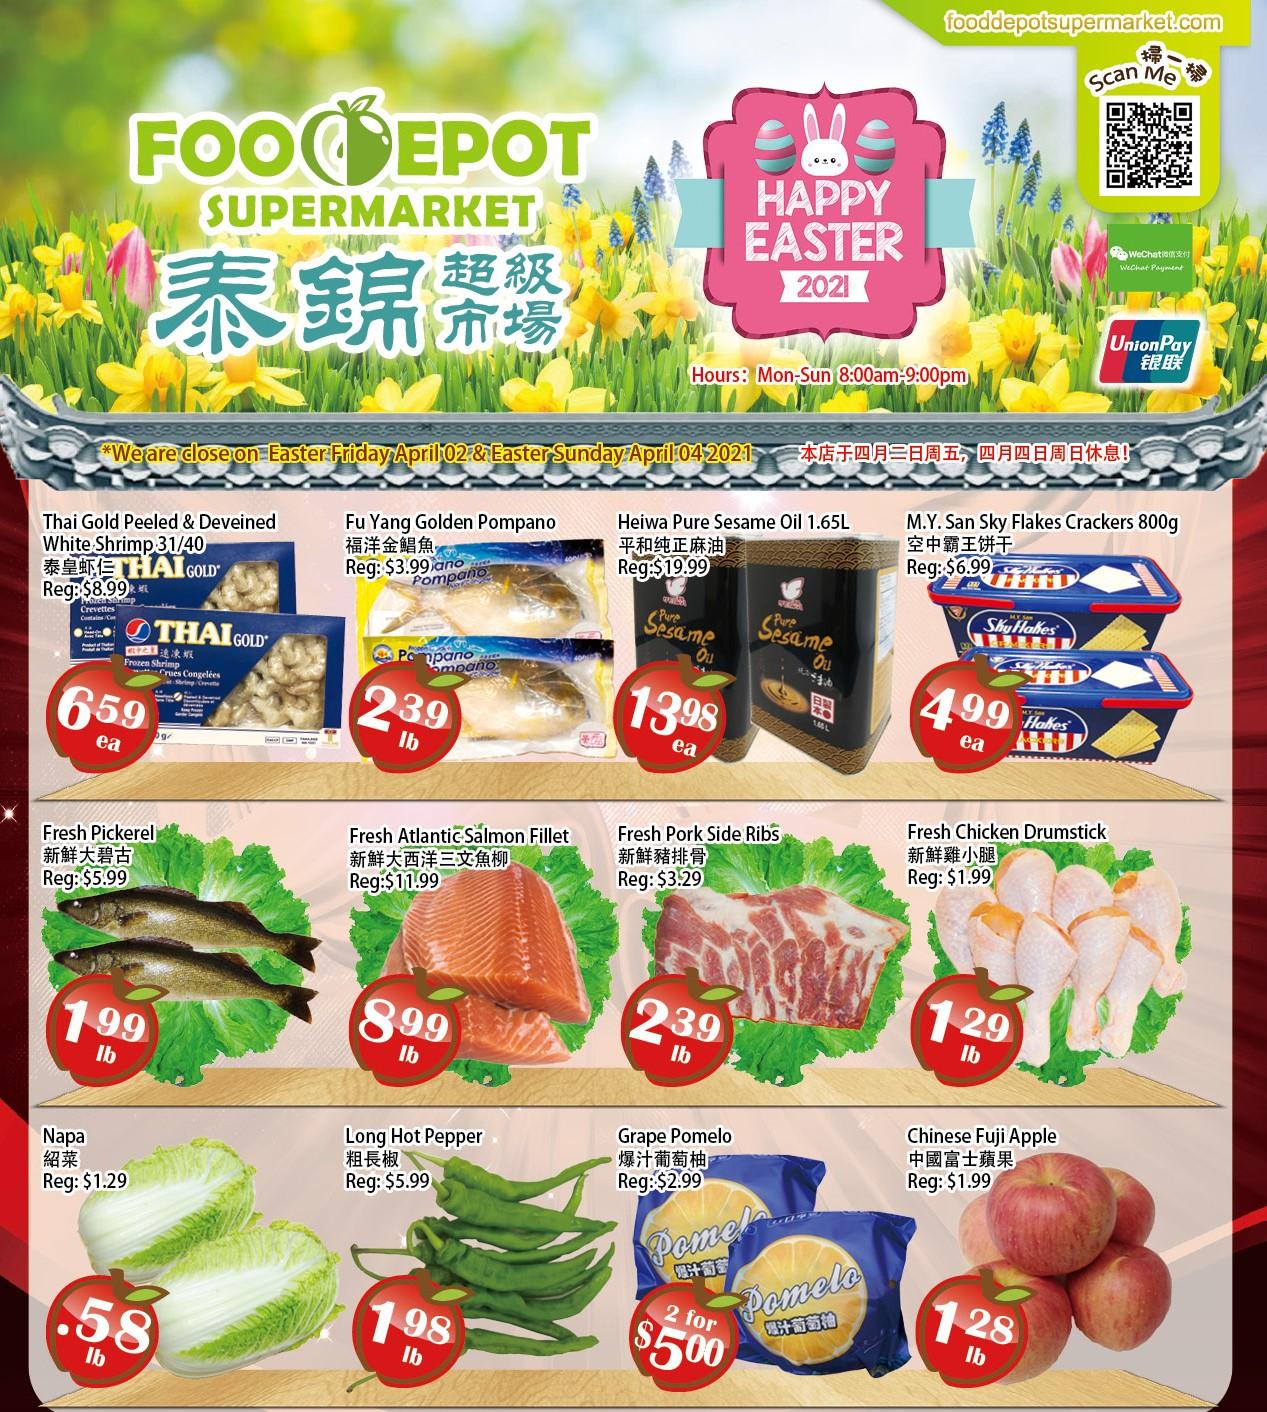 Food Depot Supermarket Flyer Apr 2